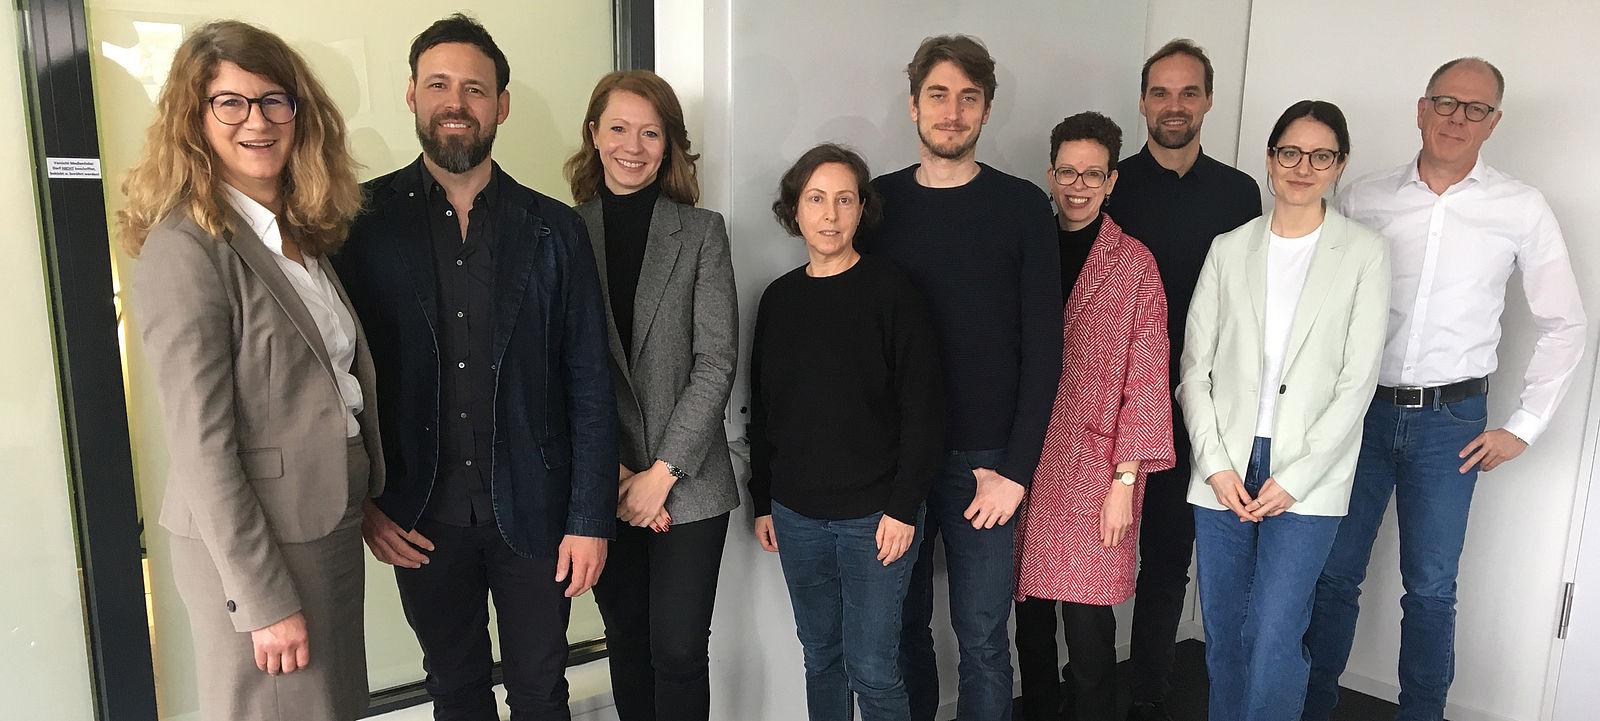 Gruppenfoto des Beirat Gründung